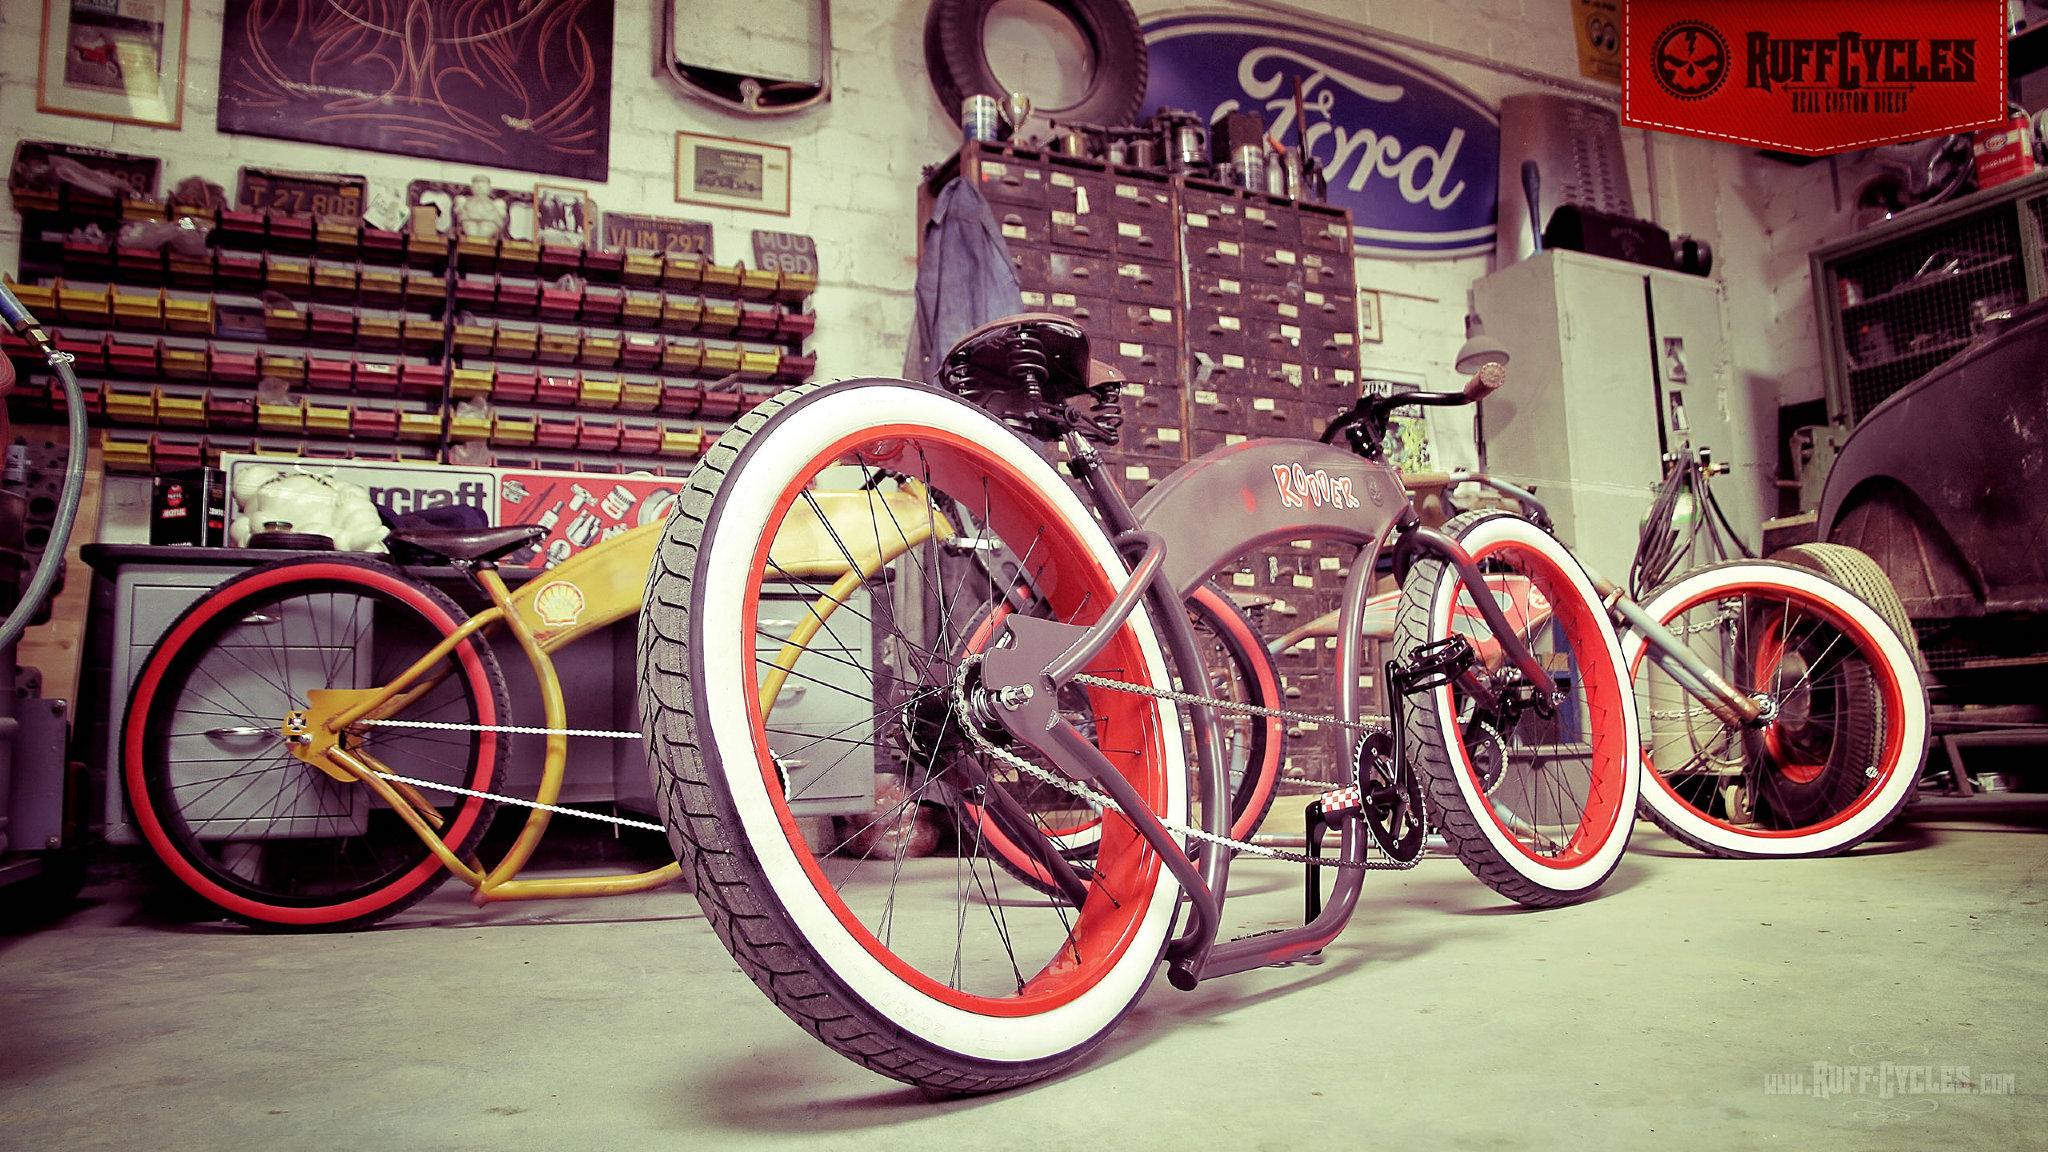 Ruff Cycles - PIXELEYE INDUSTRIES | Dirk Behlau | Designer +